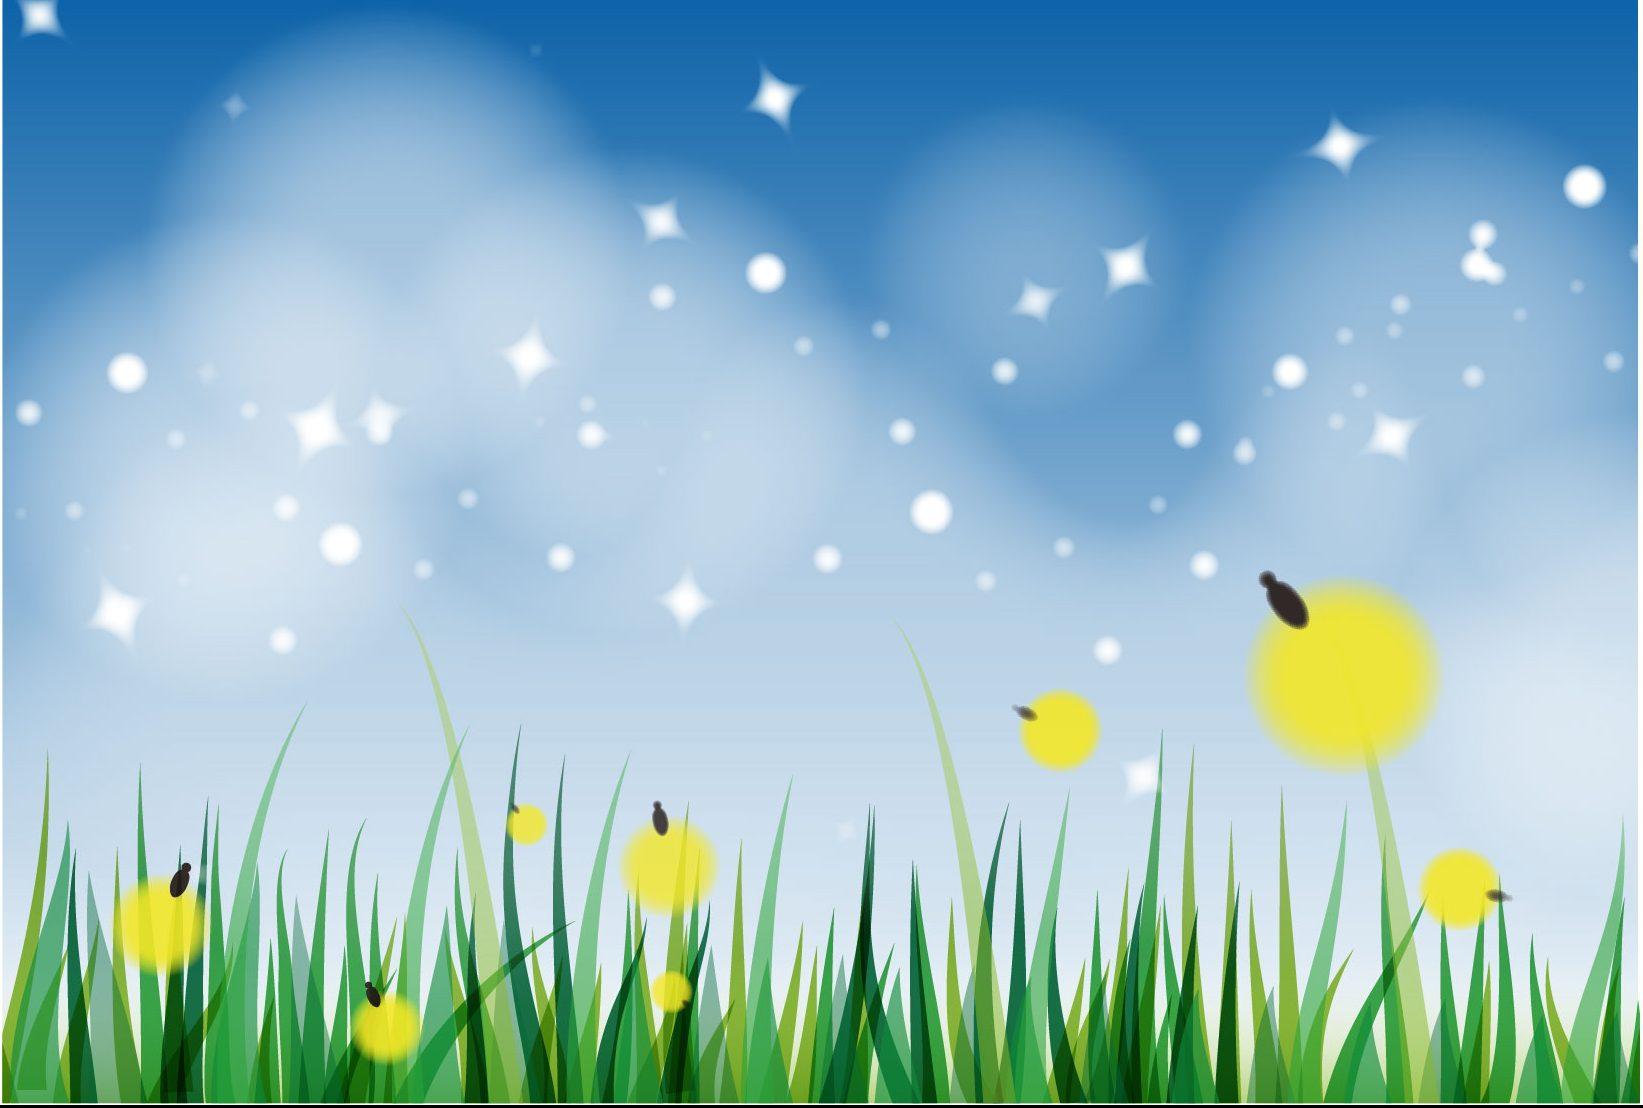 《まとめ》初夏のレジャーならコレだ! 徳島のホタル観賞イベント7選。ロマンチックな光景×楽しいイベントはこの時期だけ!